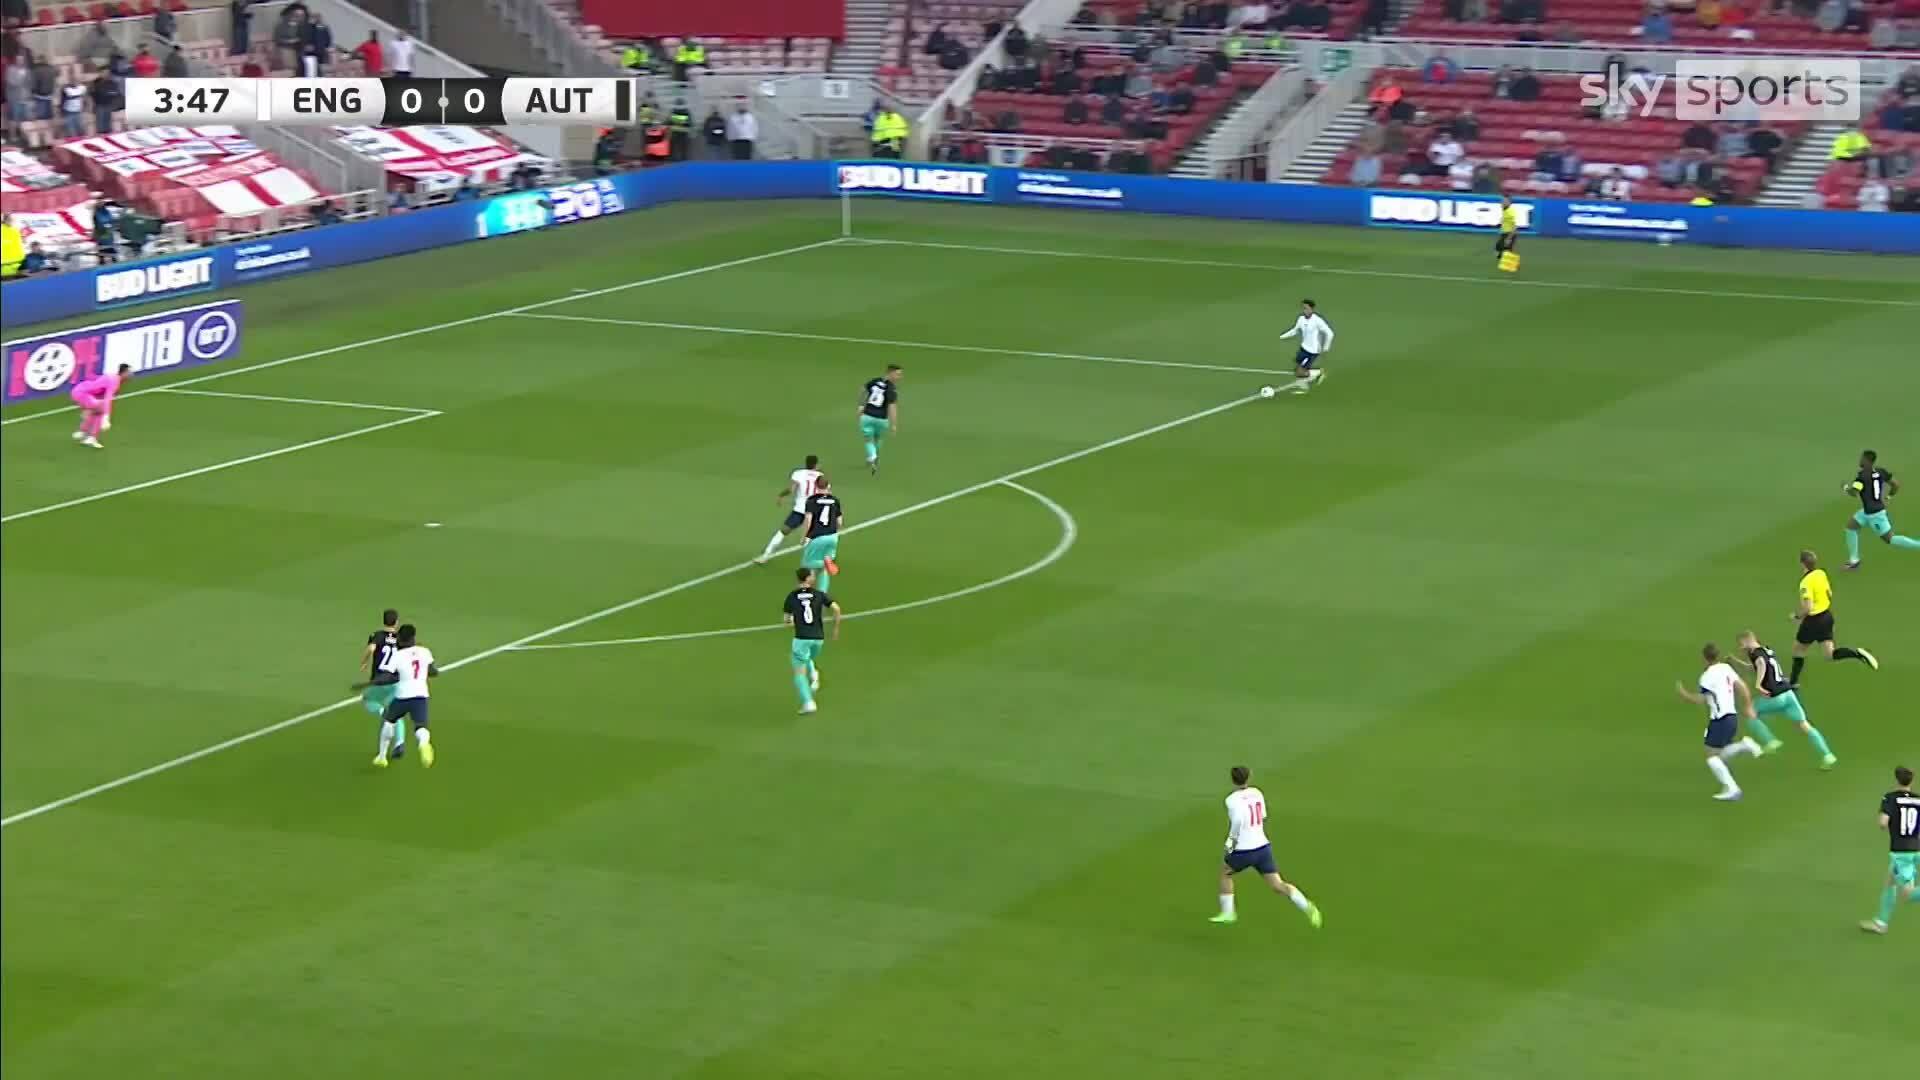 อังกฤษ 1-0 ออสเตรีย